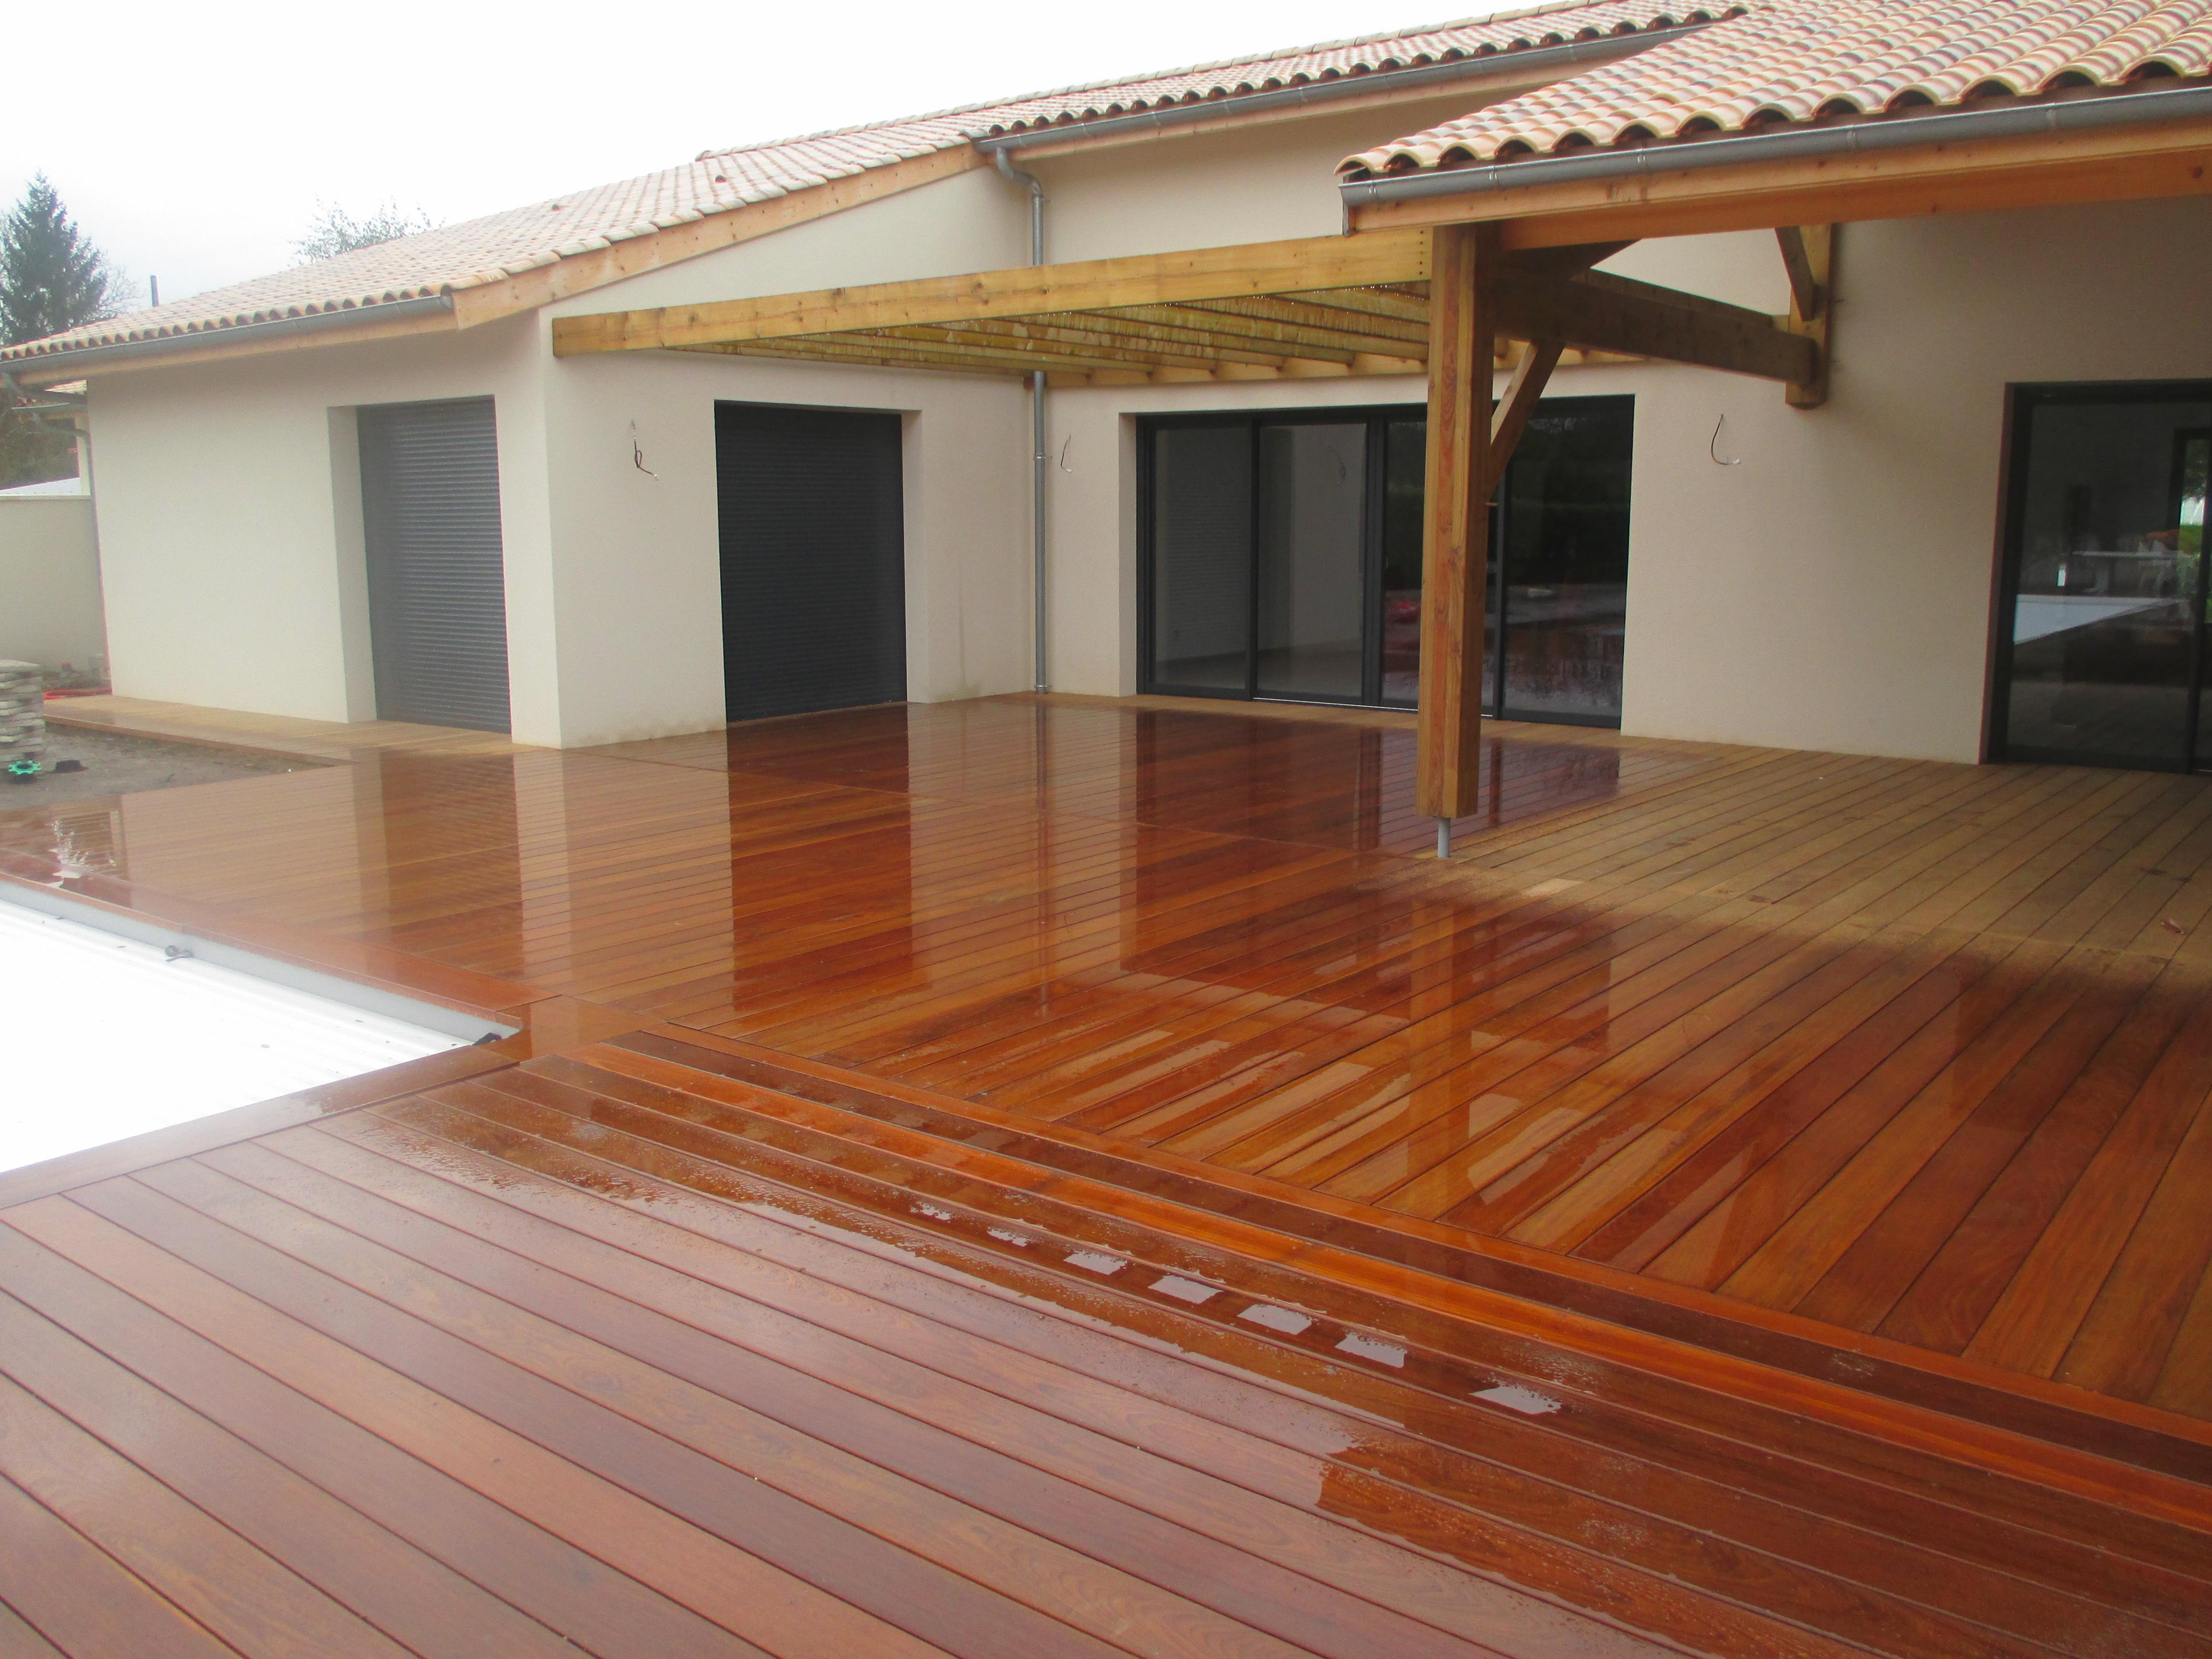 terrasse ipe sur ossature exotique bordeaux terrasse bois et tour de piscine (14)